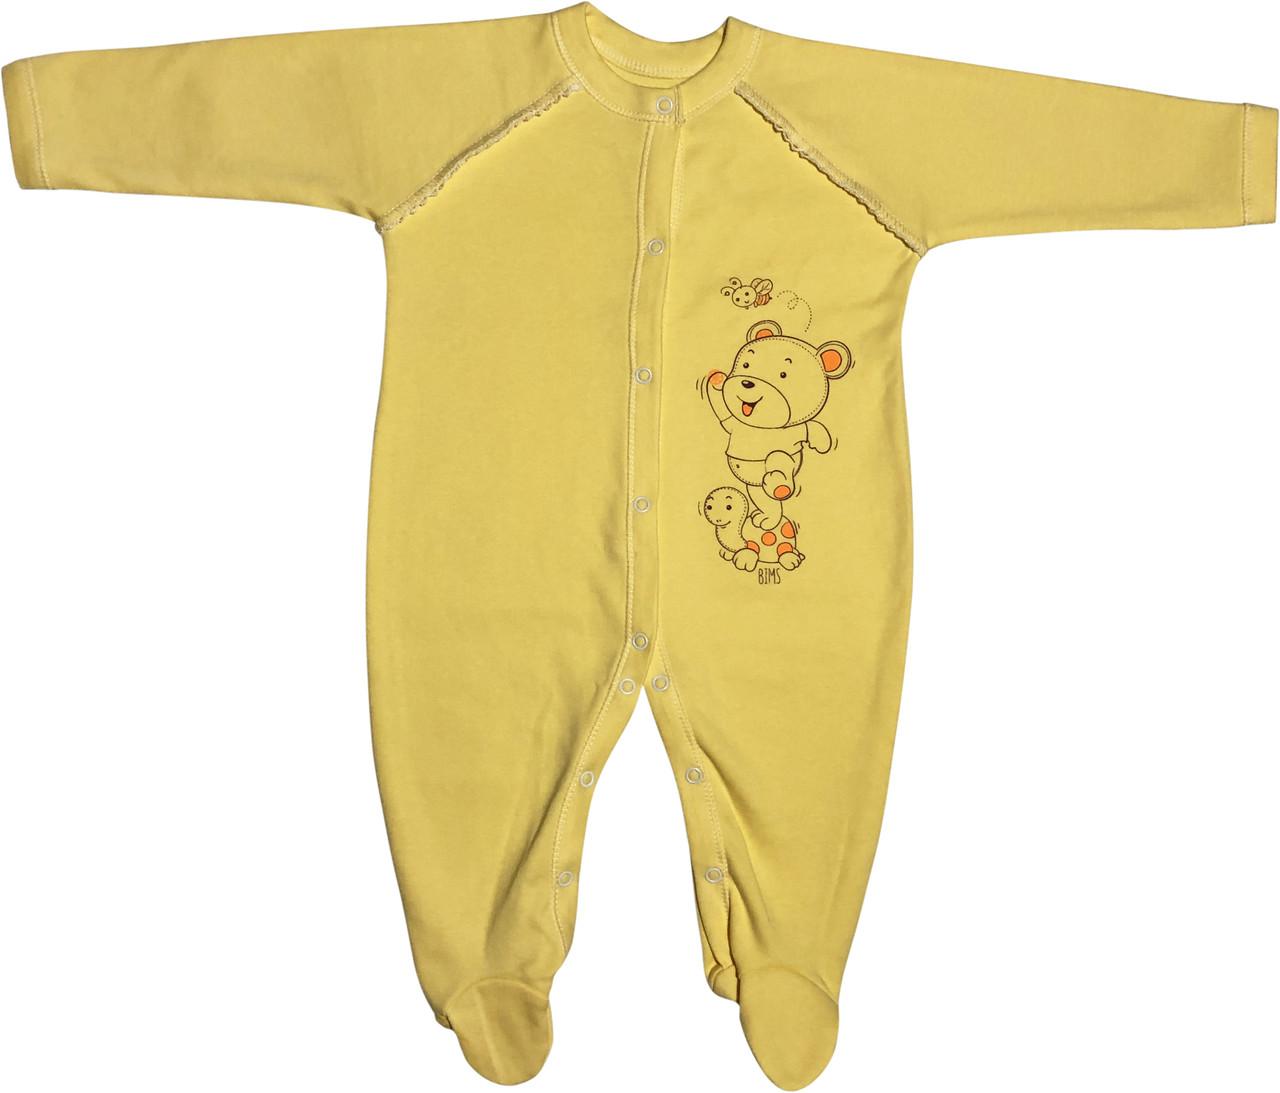 Тёплый человечек слип с начёсом для новорожденных рост 74 6-9 мес на мальчика девочку трикотажный жёлтый